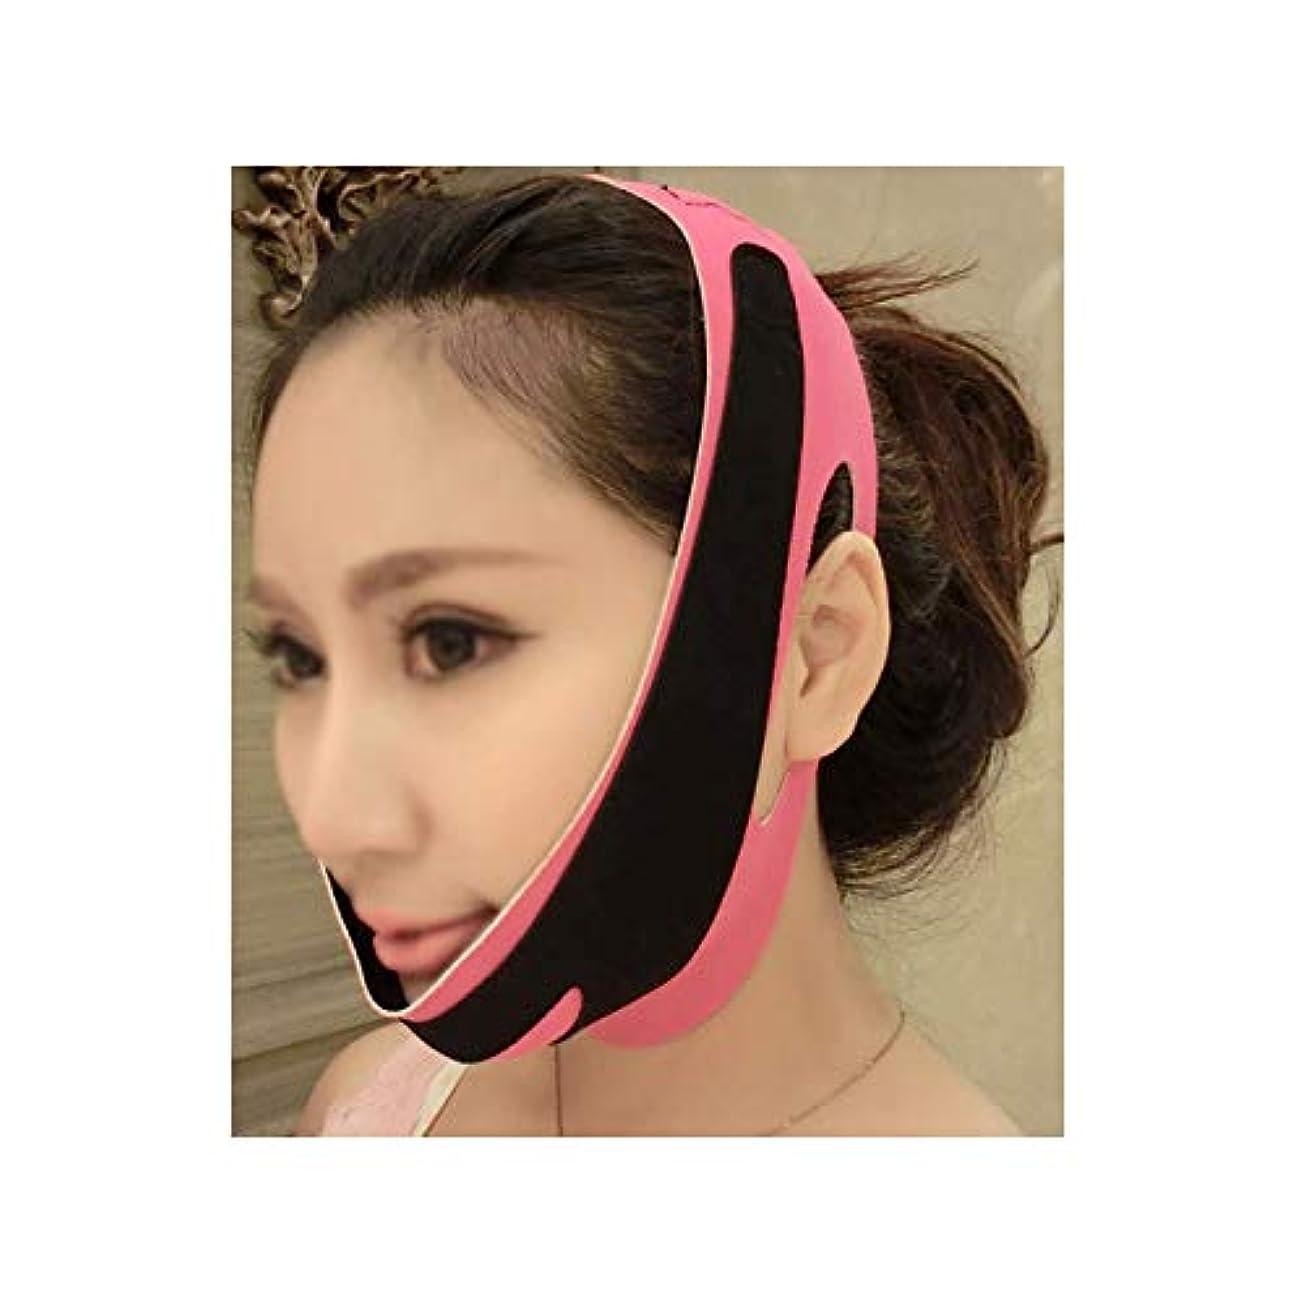 エンドテーブル皮肉な湿った薄い顔包帯フェイススリム二重あごを取り除きますVラインフェイスシェイプを作成チンチークリフトアップアンチリンクルリフティングベルトフェイスマッサージツール女性と女の子